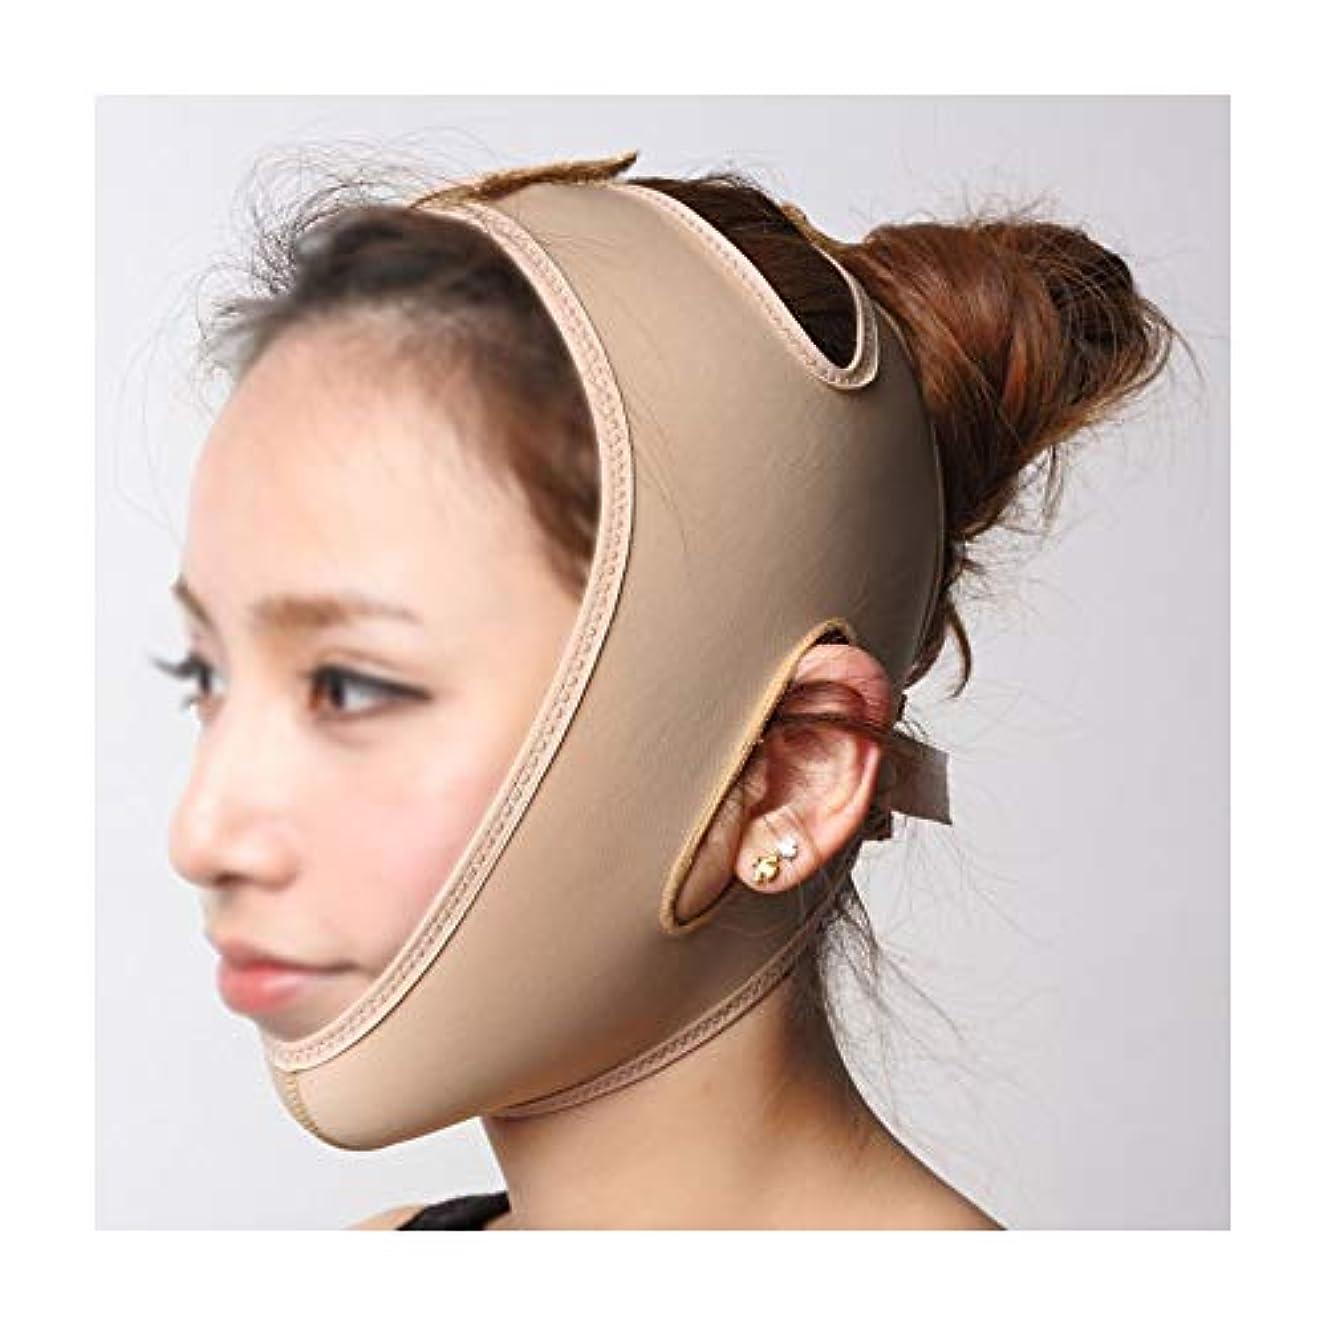 独立して心から韓国語LJK 引き締めフェイスマスク、睡眠薄い顔包帯薄いフェイスマスクフェイスリフティングフェイスメロンフェイスVフェイスリフティング引き締め二重あご美容ツール (Size : XXL)